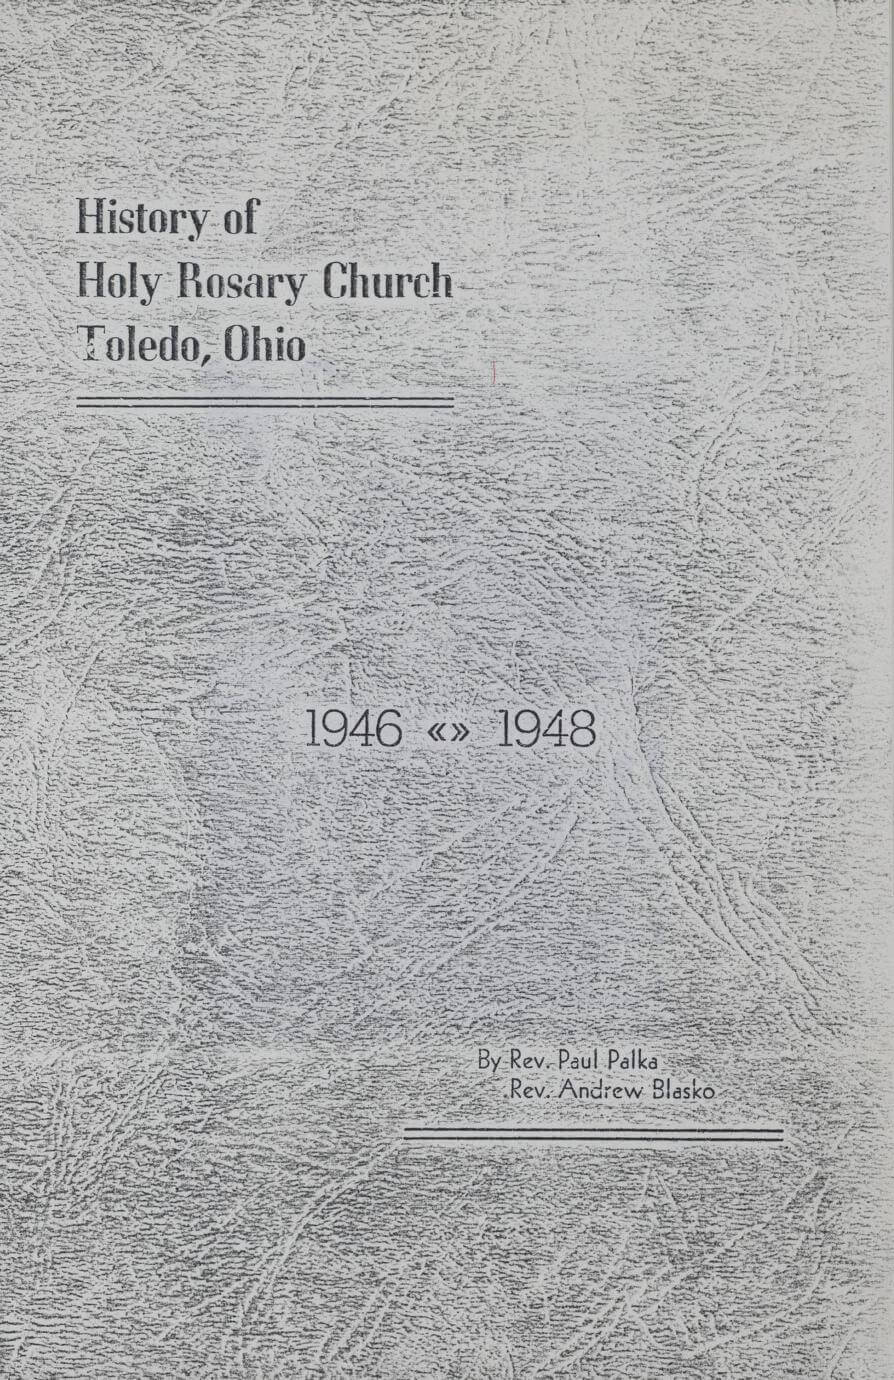 History of Holy Rosary Church, Toledo, Ohio 1946-1948